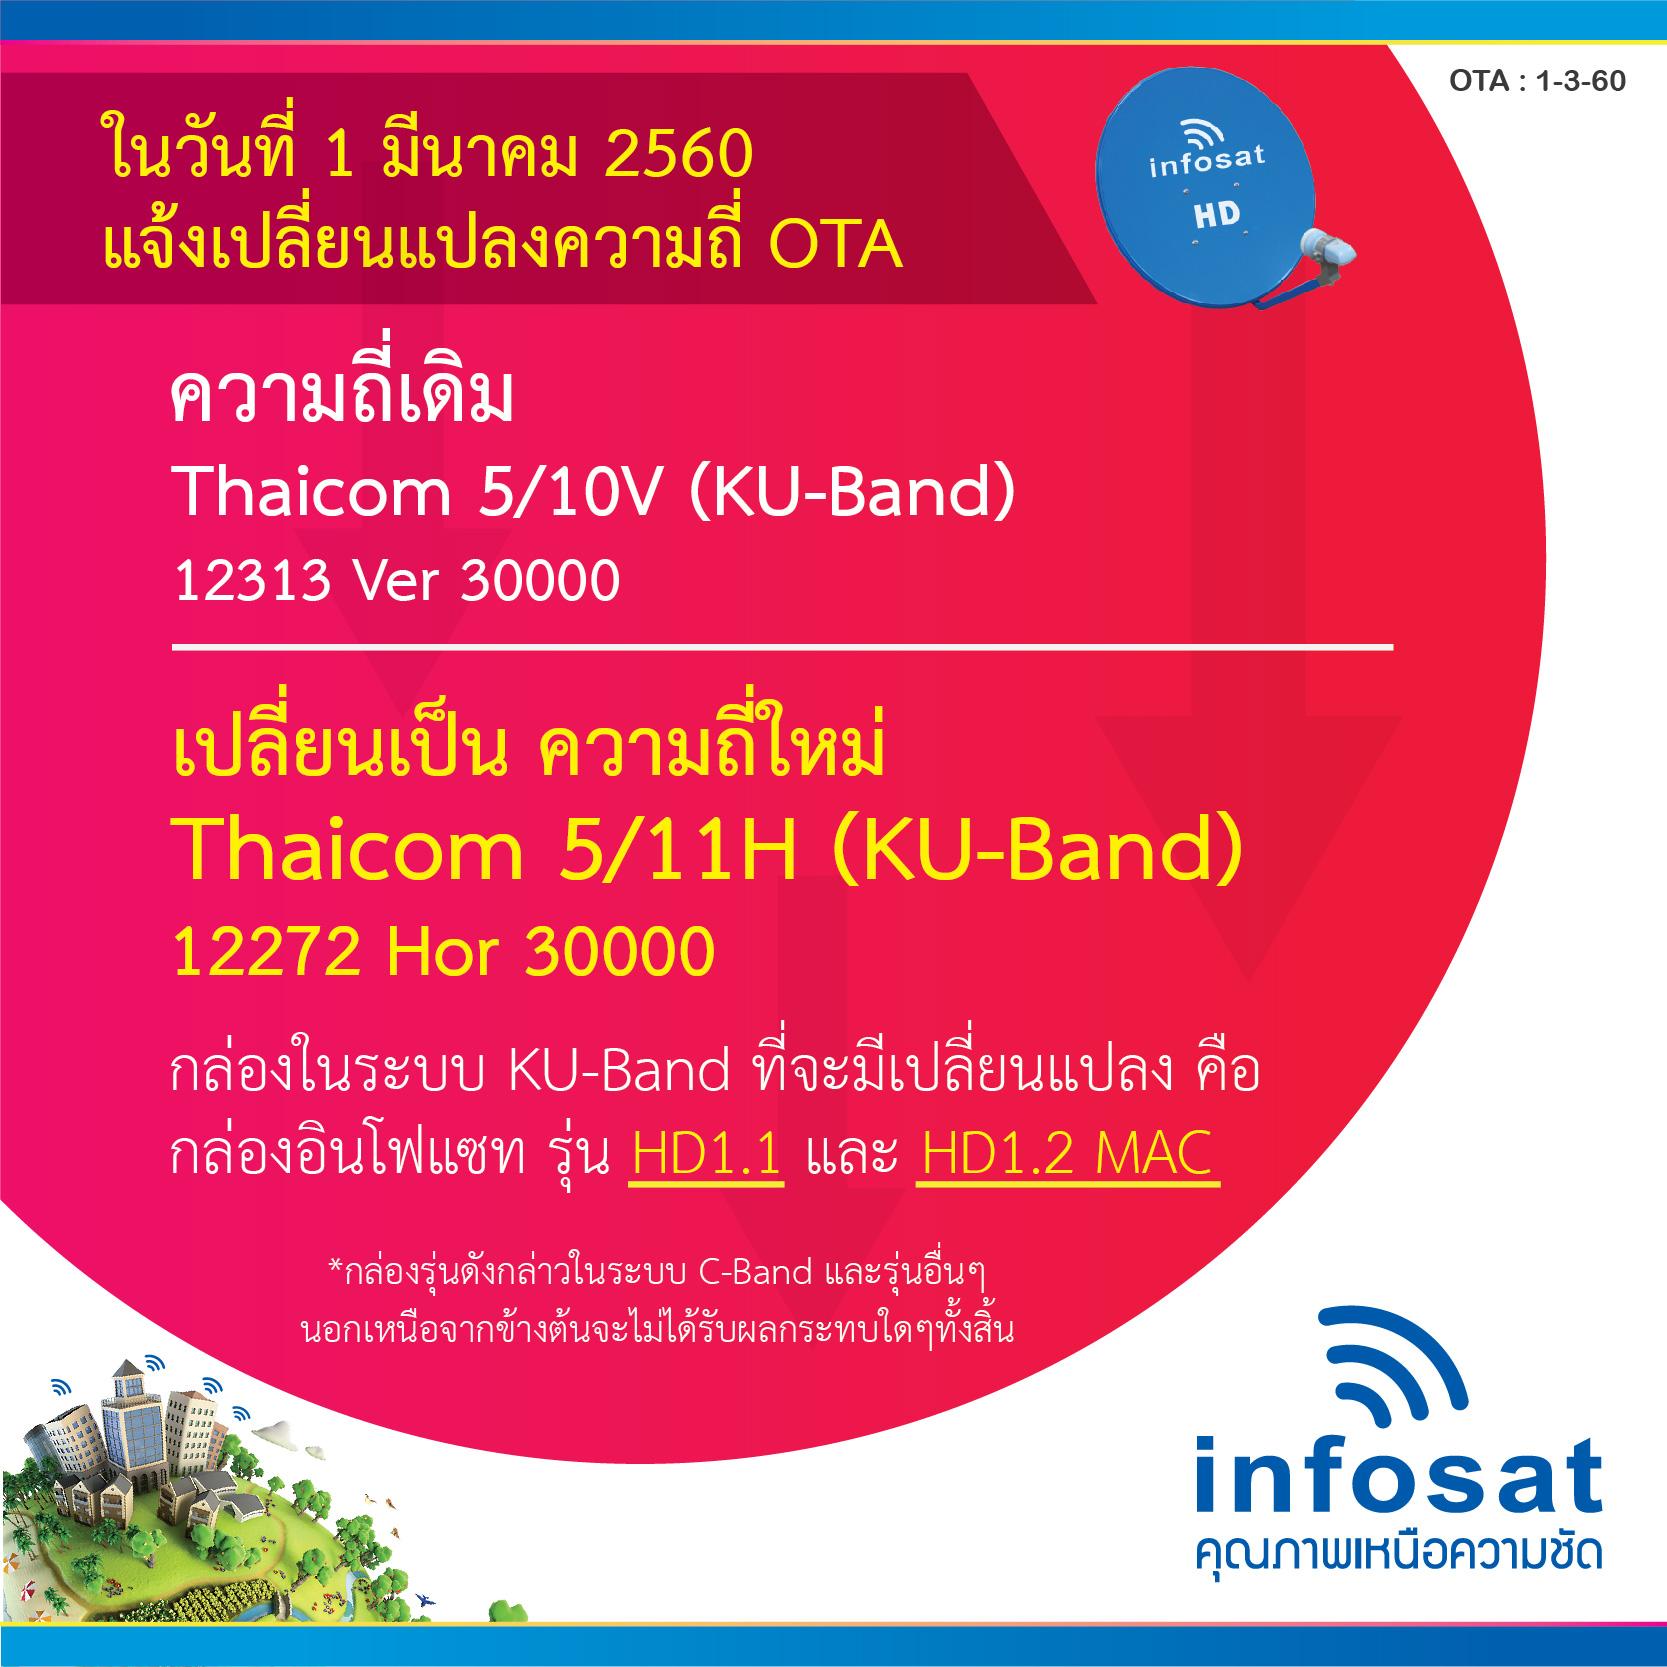 ในวันที่ 1 มีนาคม 2560  แจ้งเปลี่ยนแปลงความถี่ OTA KU-Band